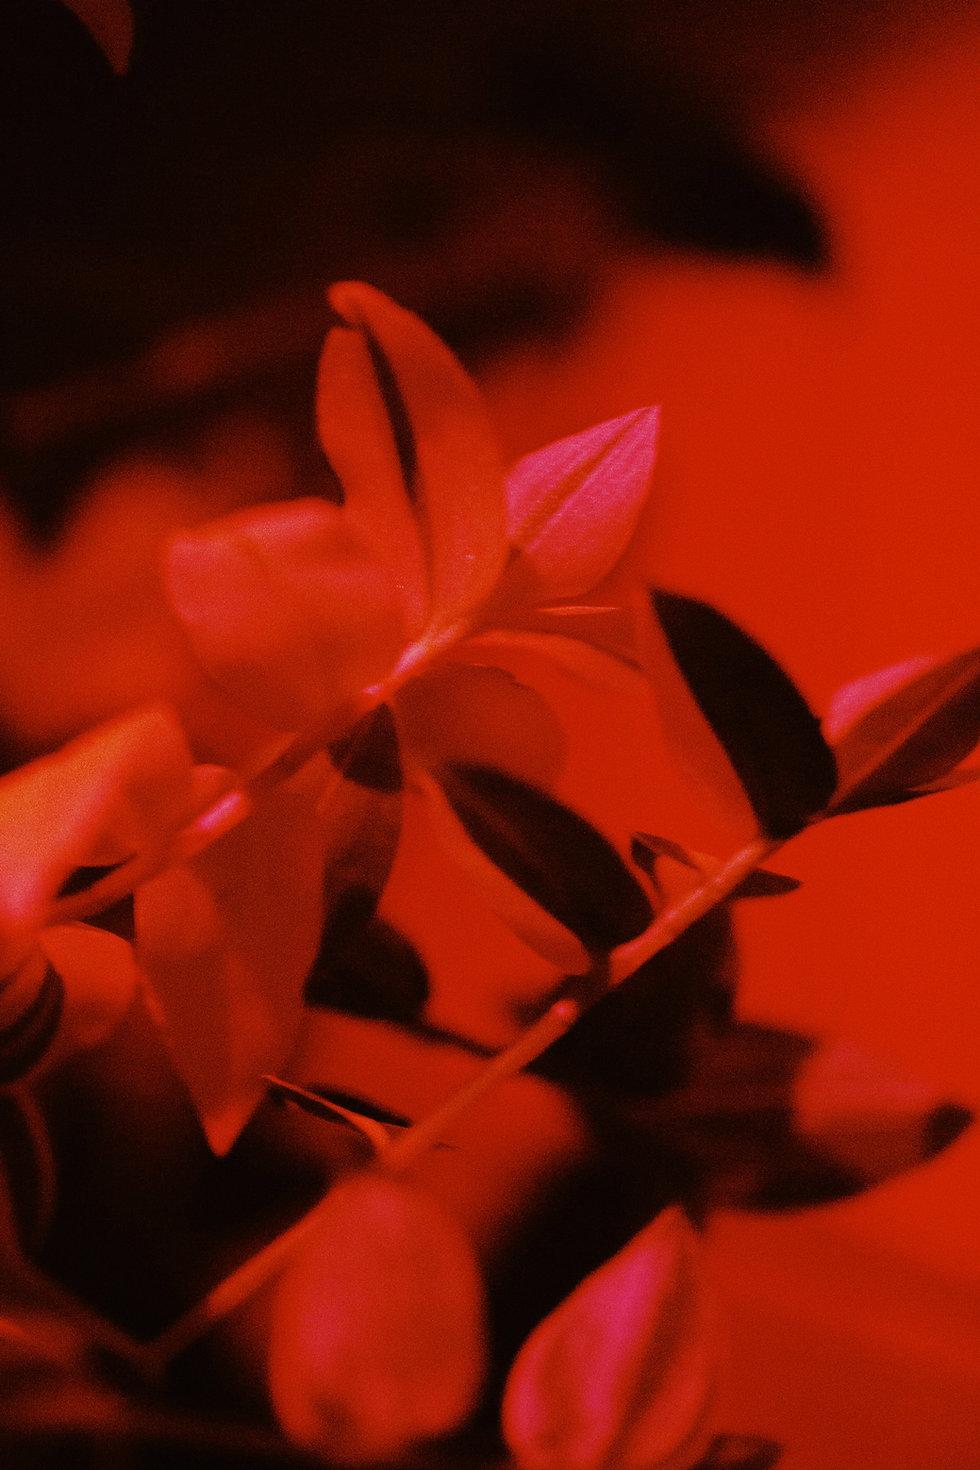 Flower in red lighting